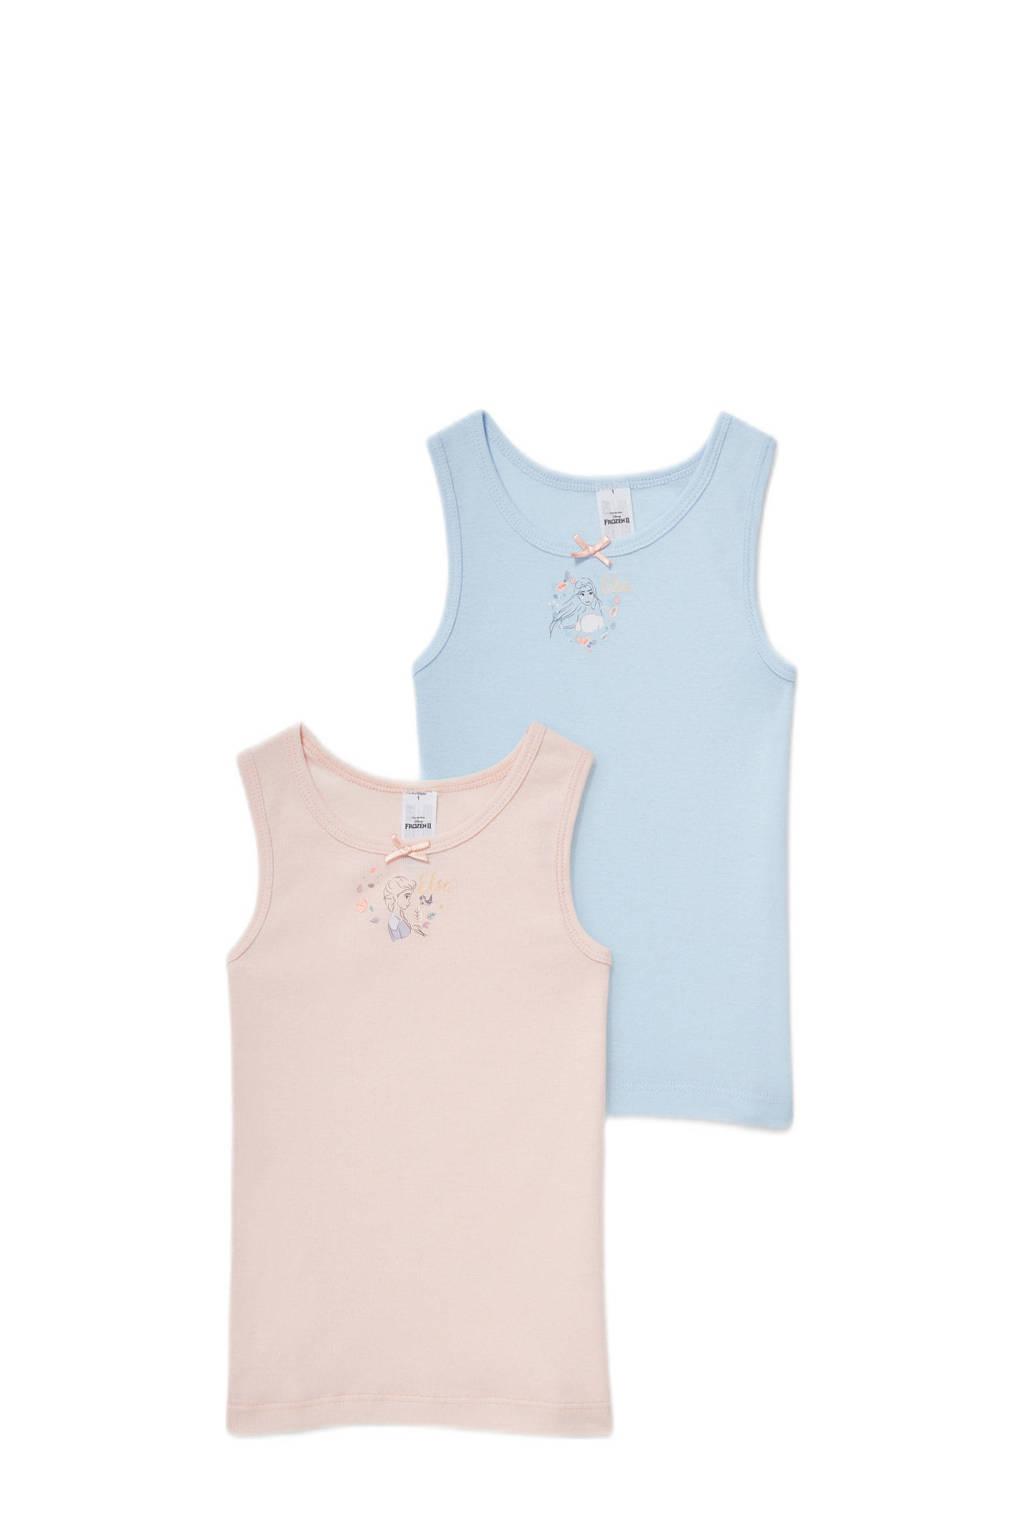 C&A Frozen hemd - set van 2 lichtroze/lichtblauw, Lichtblauw/lichtroze